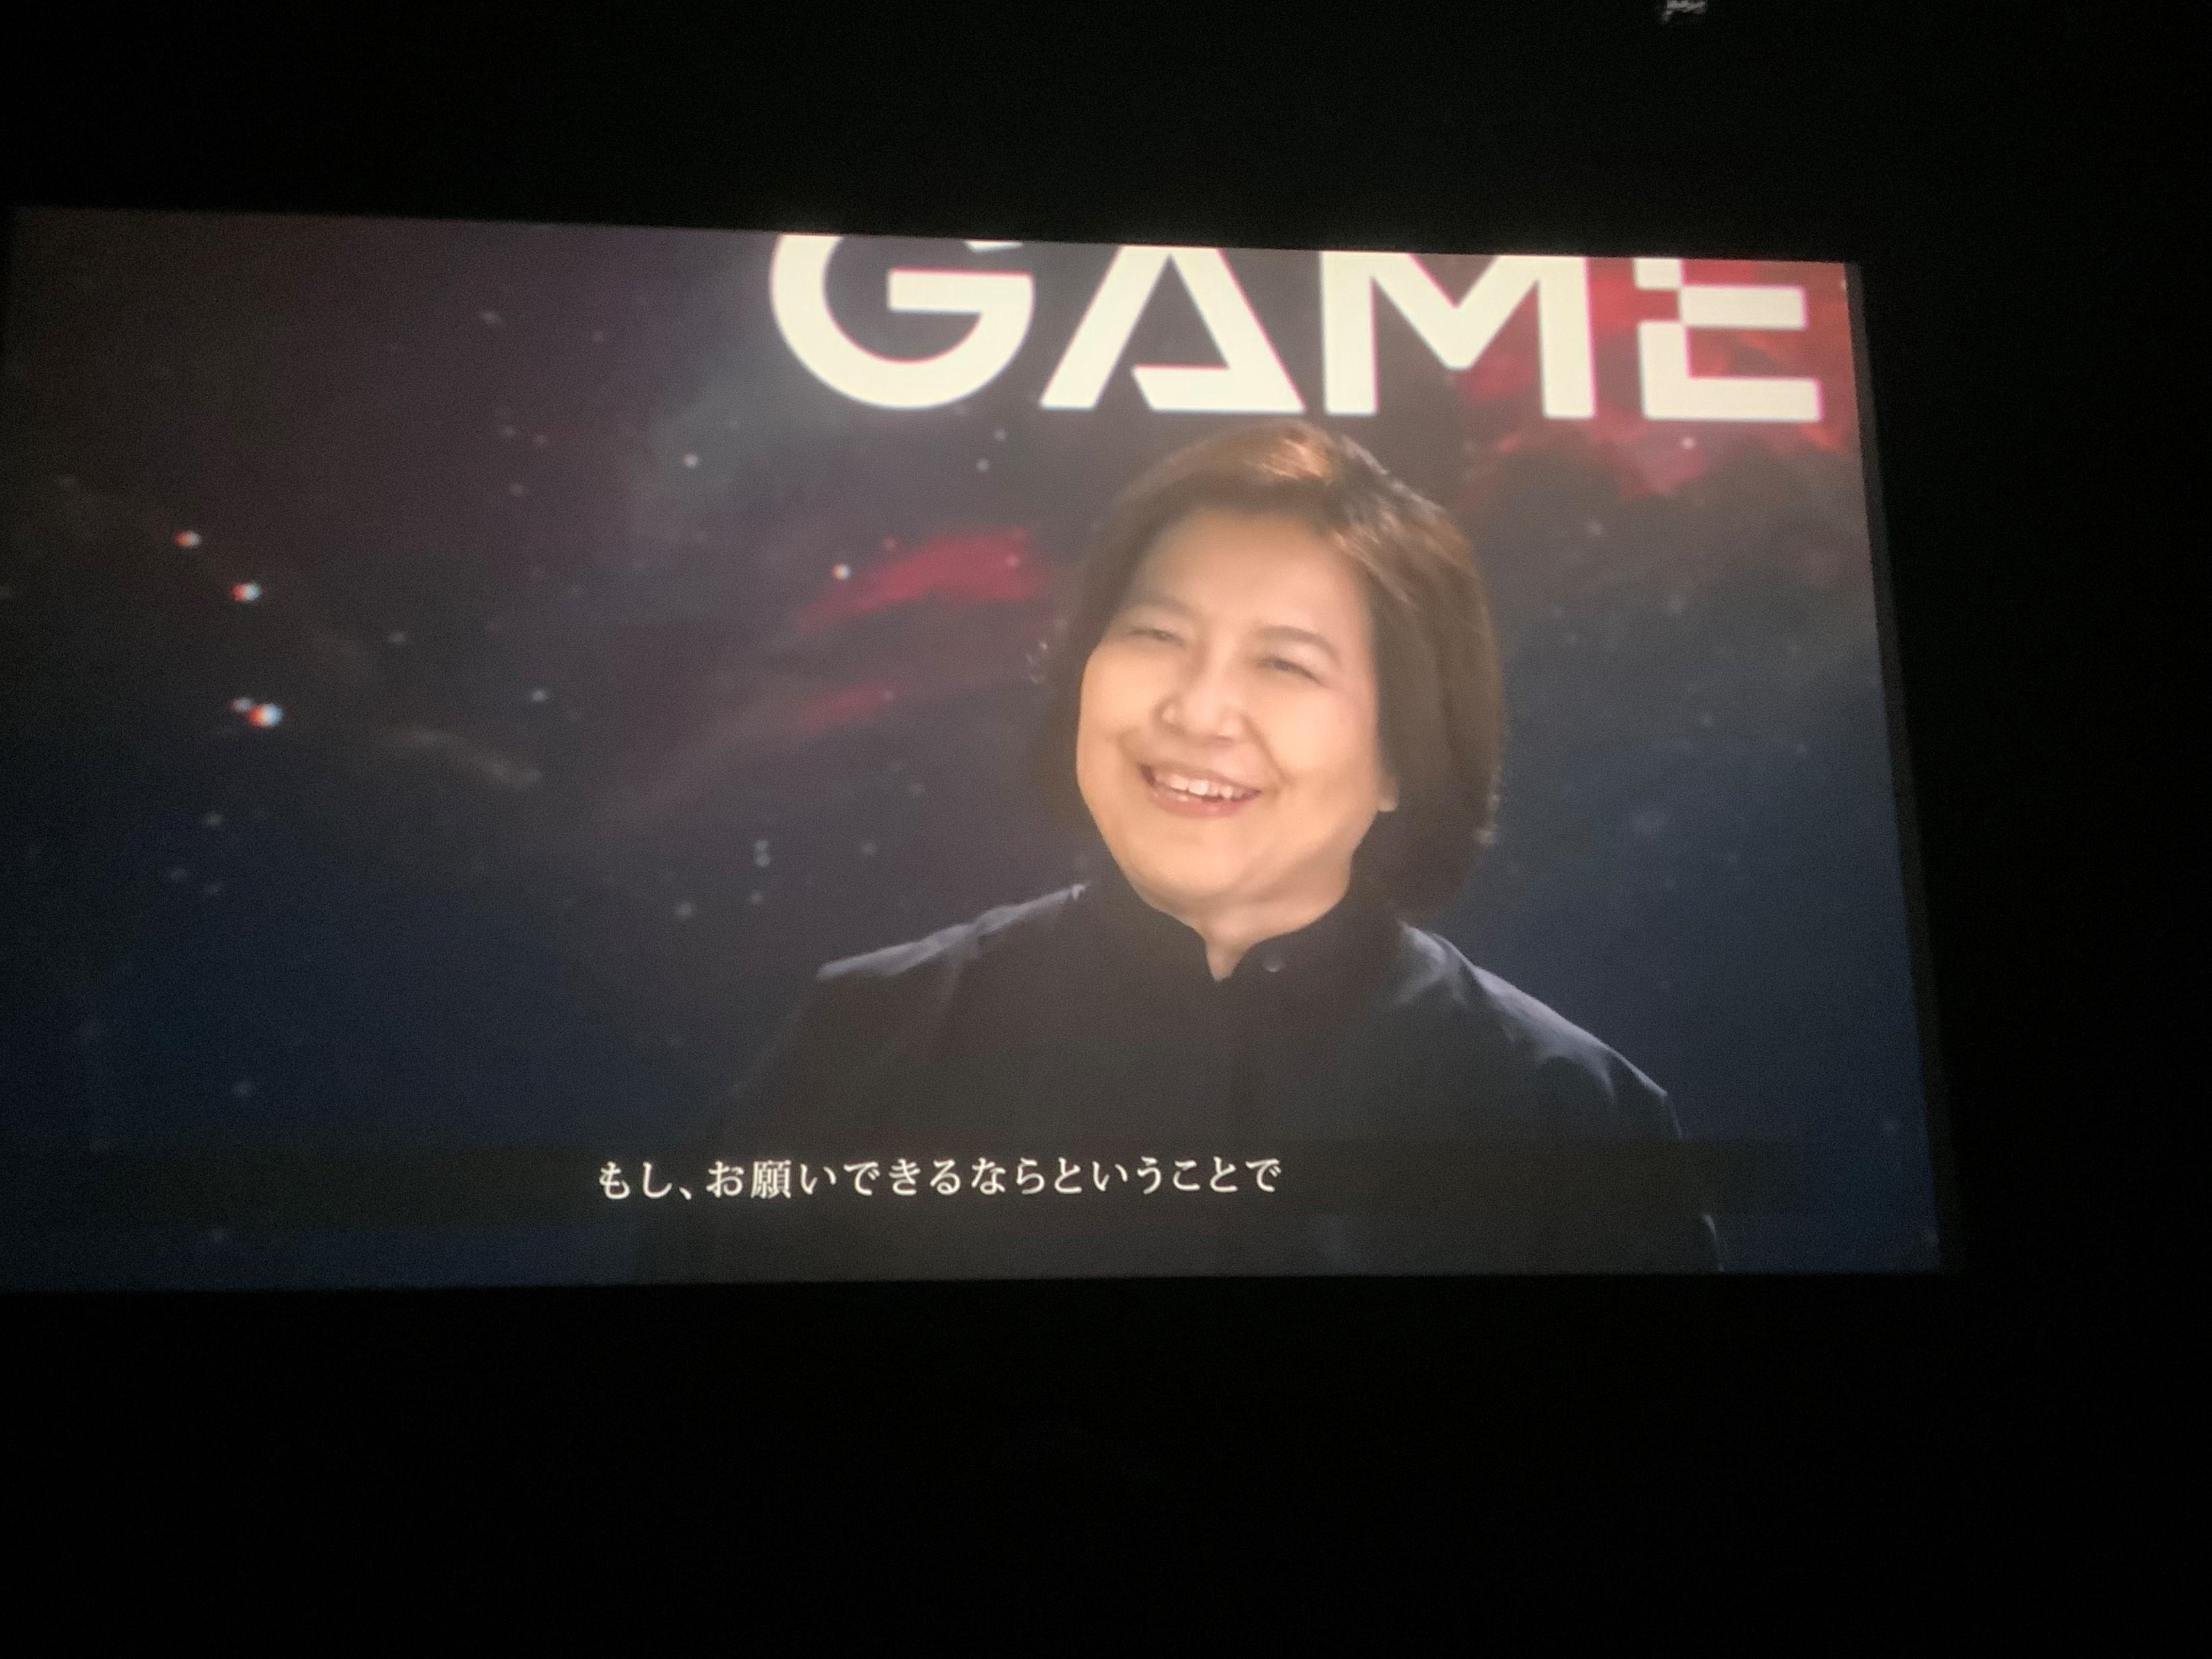 『グランサガ』ショーケースライブ(サウンドディレクターの下村陽子氏)